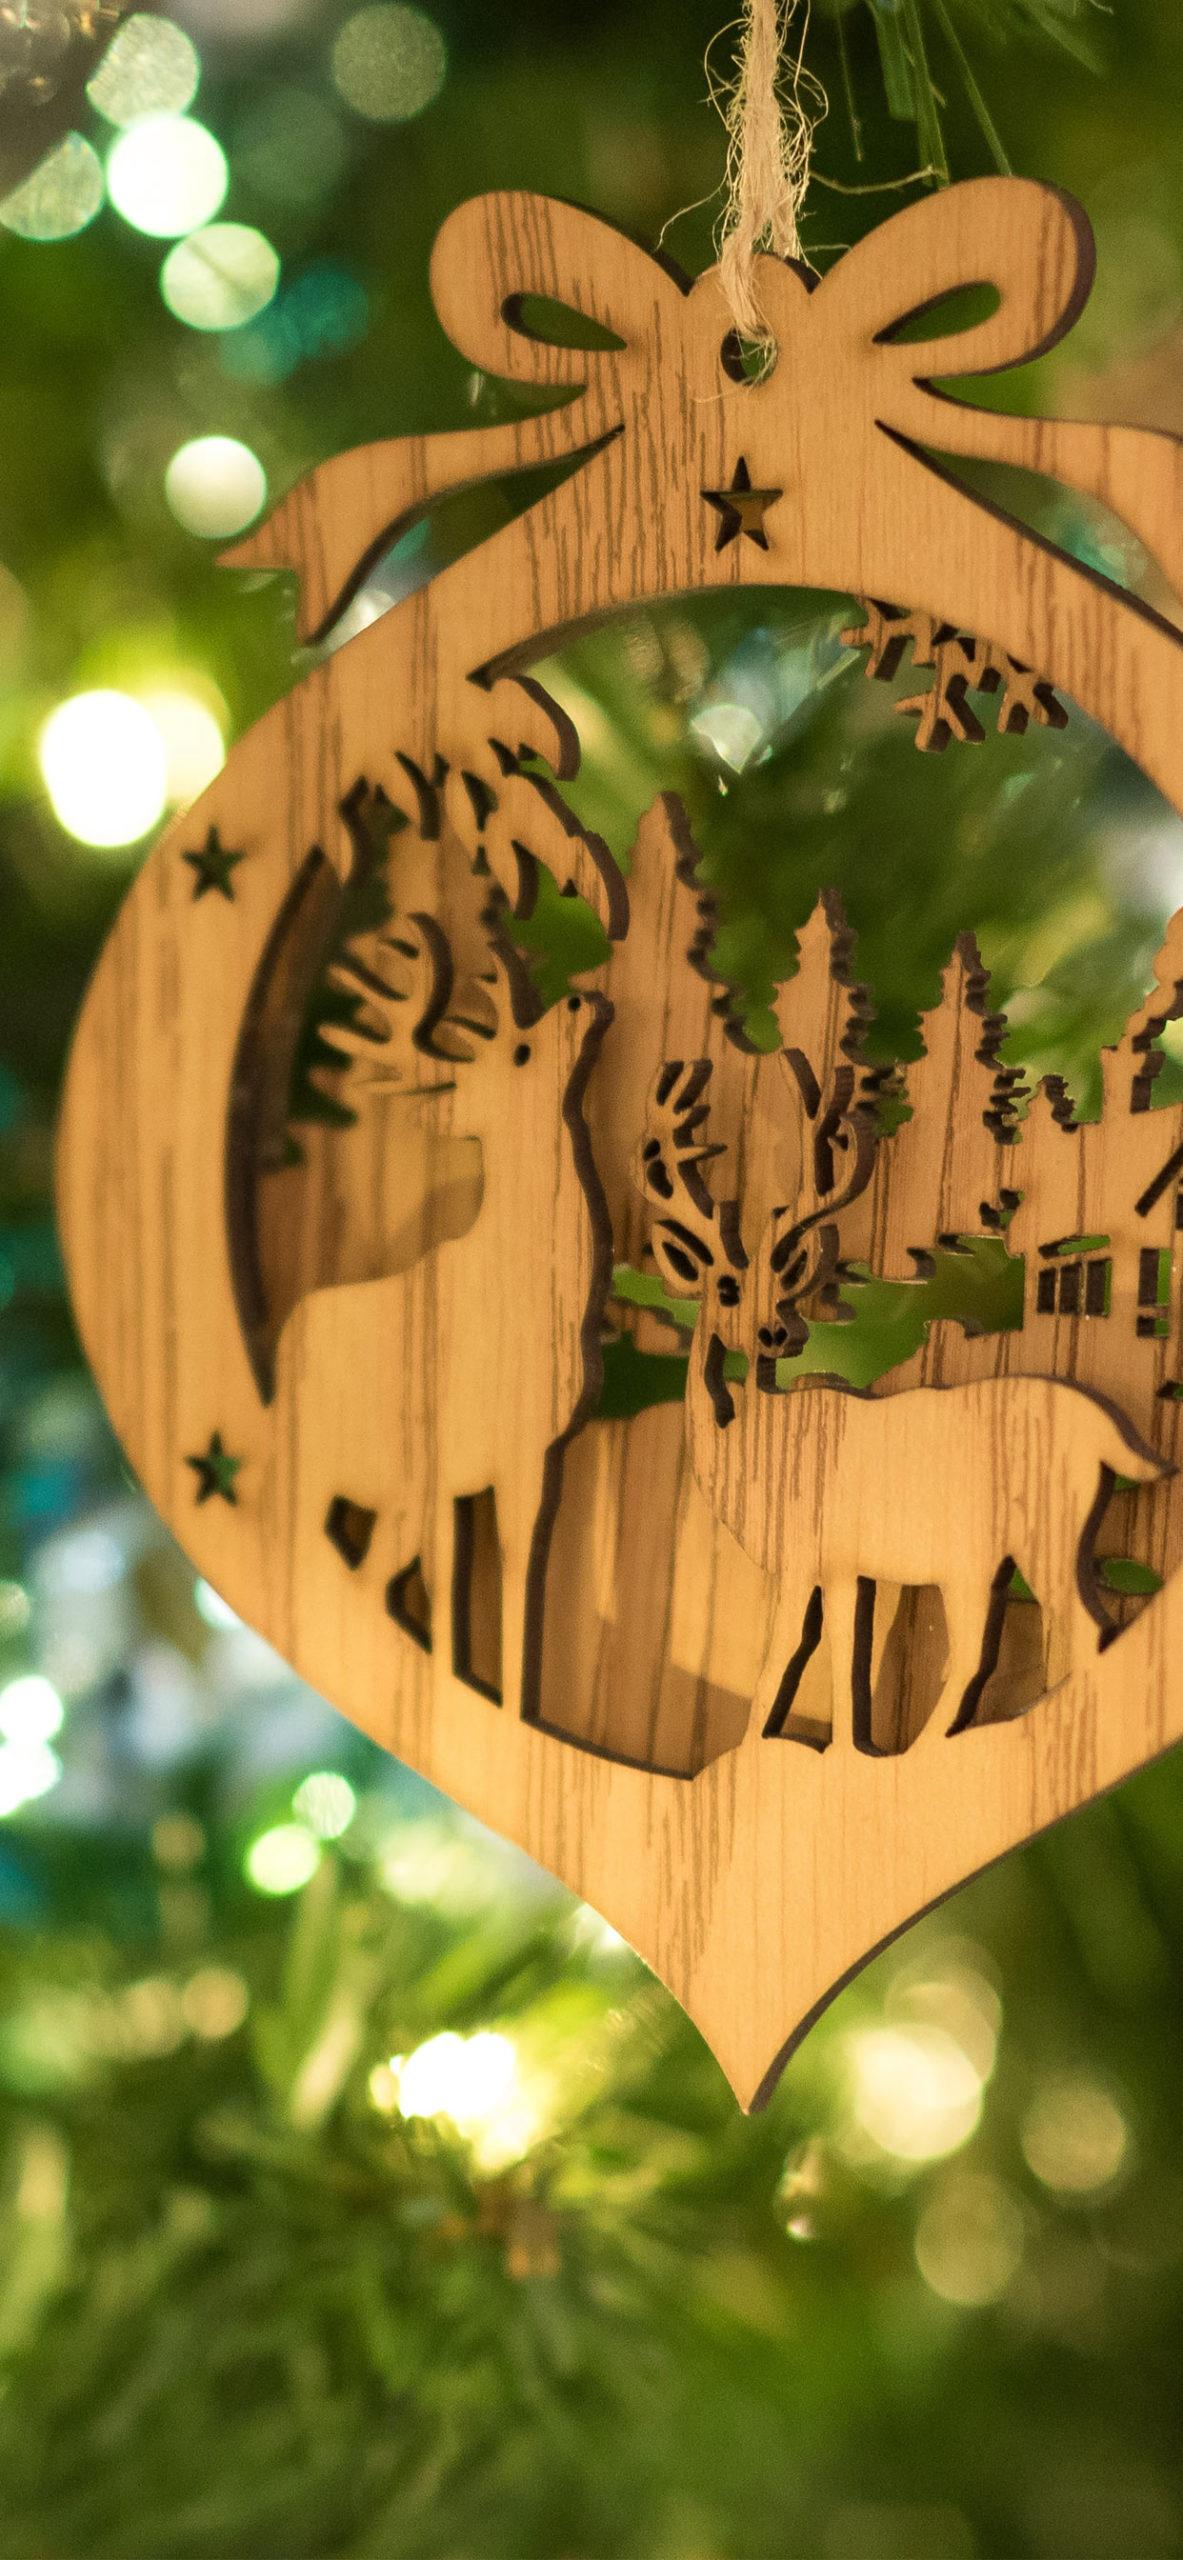 iphone wallpapers reindeer3 scaled Reindeer